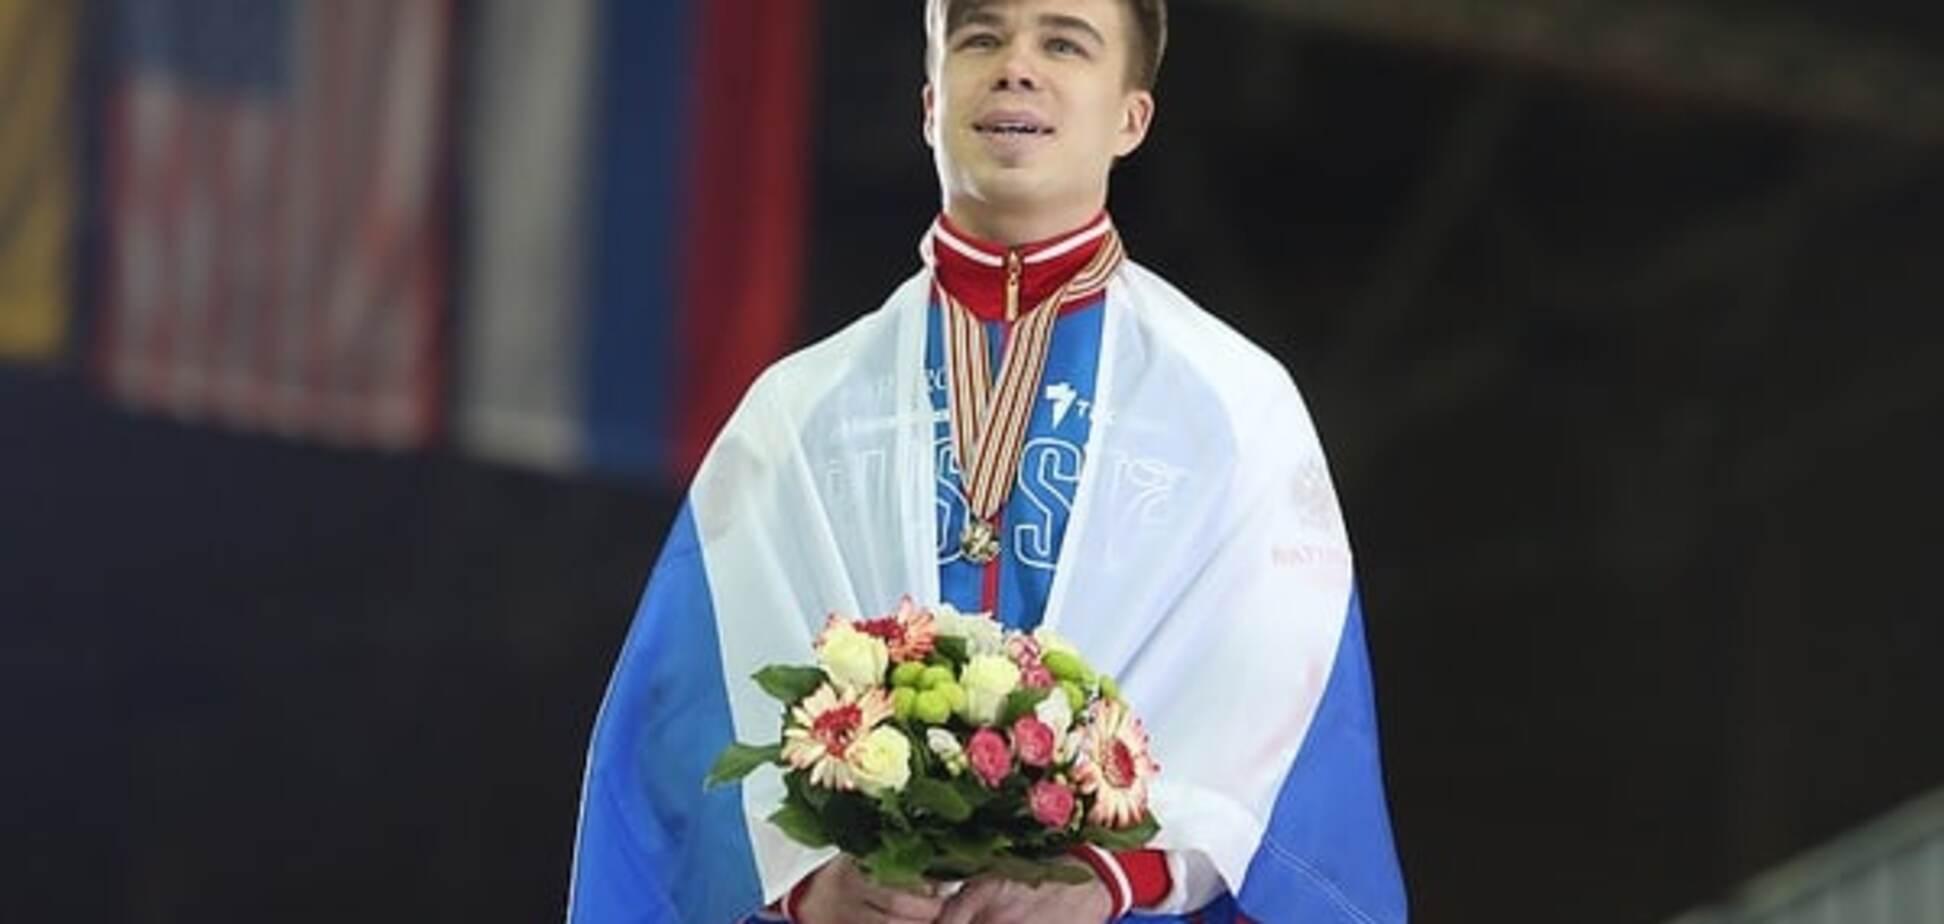 По слідах Шарапової: російський олімпійський чемпіон попався на допінгу